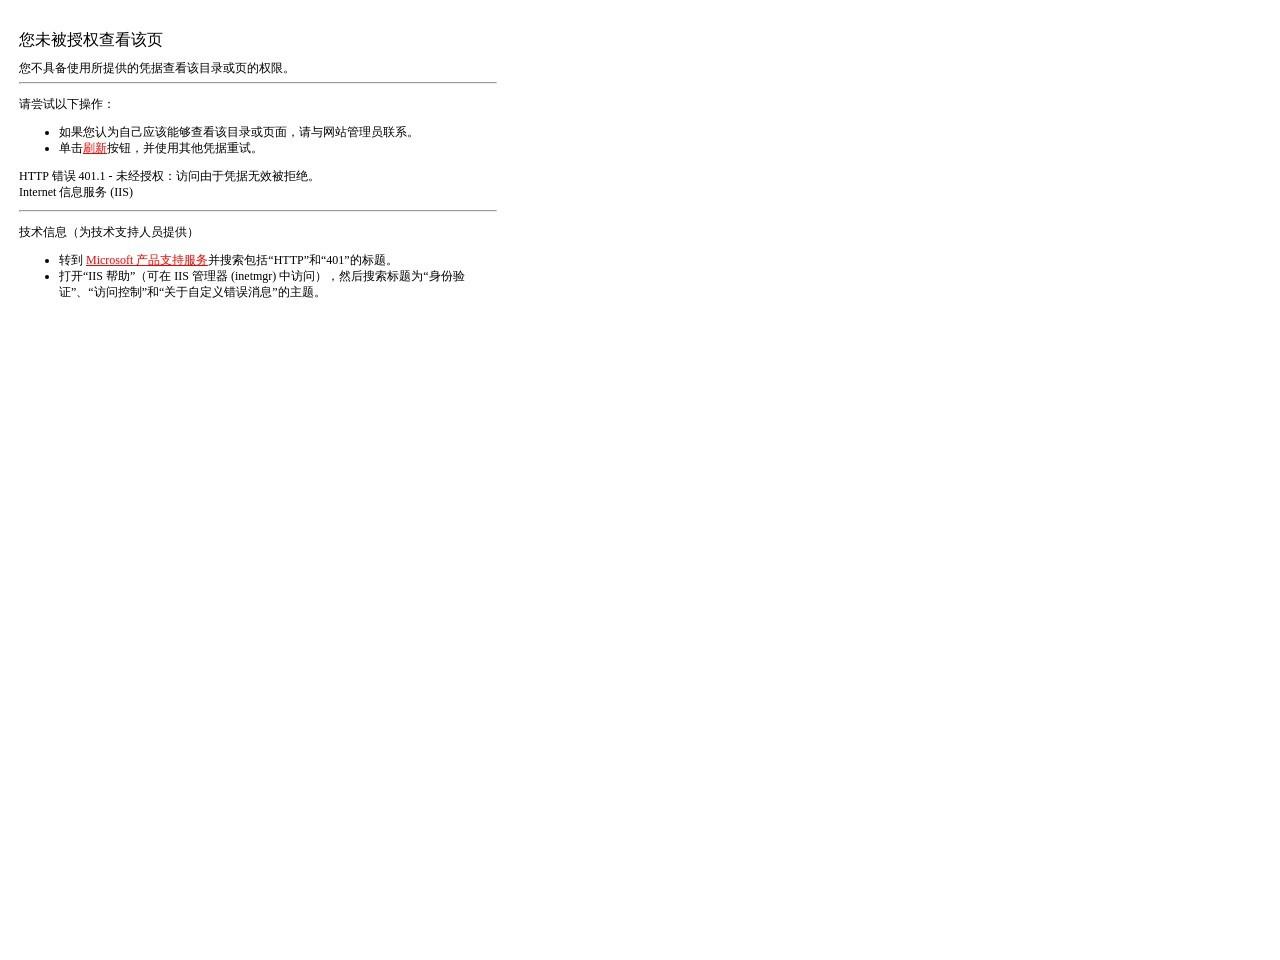 辣椒电影-站长导航网